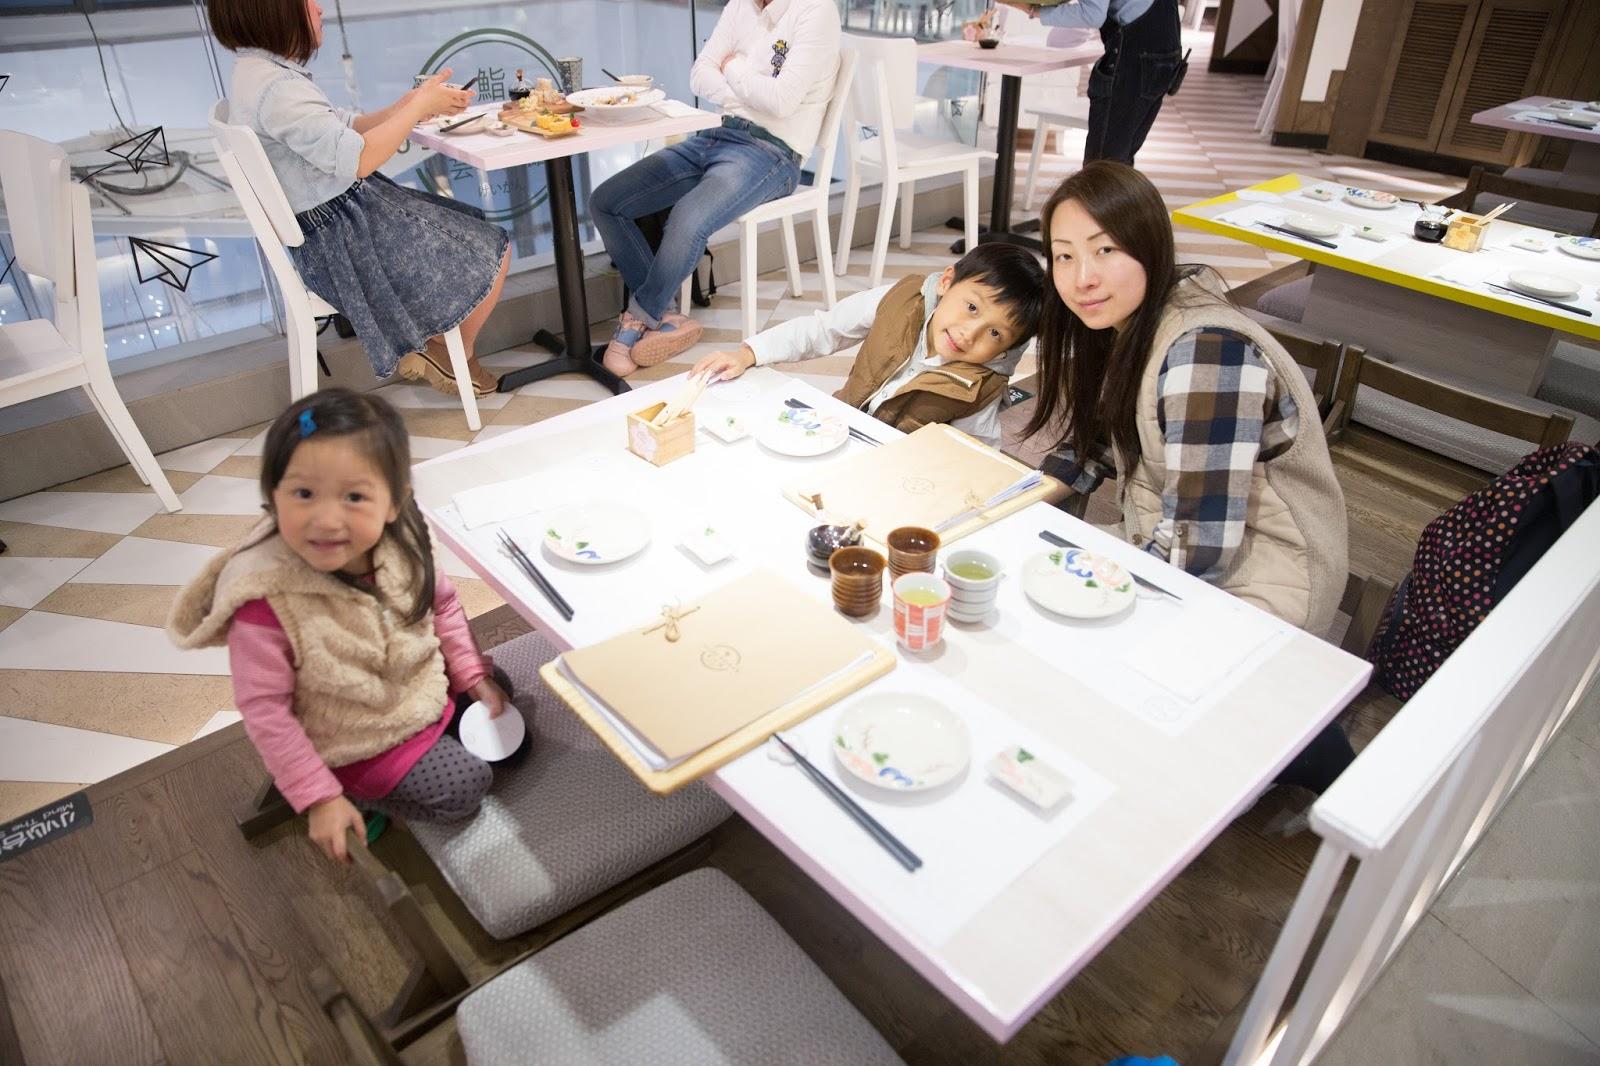 【親子餐廳】荔枝角 鮨蕓館 Sushi Geikan@D2Place   呀劍萬帥 • 親子旅遊 • 攝影札記 – U Blog 博客